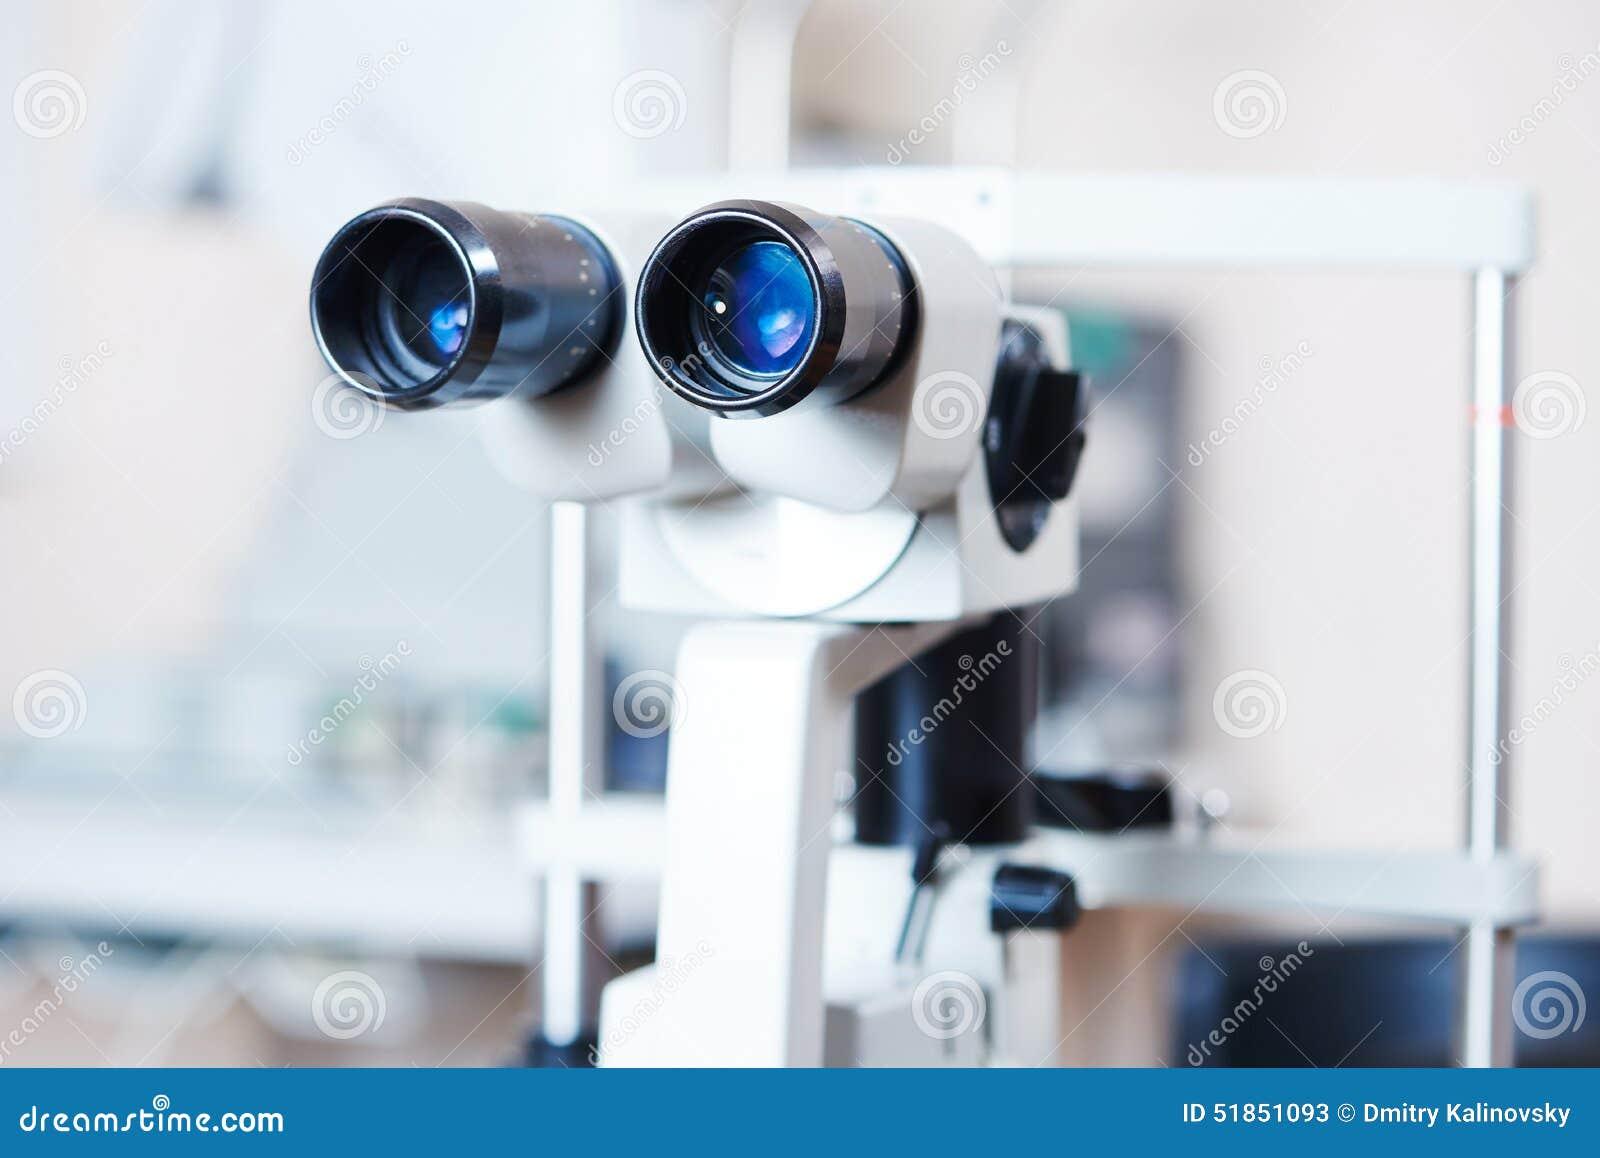 Optical Medical Equipment For Eye Examination Stock Image - Image of